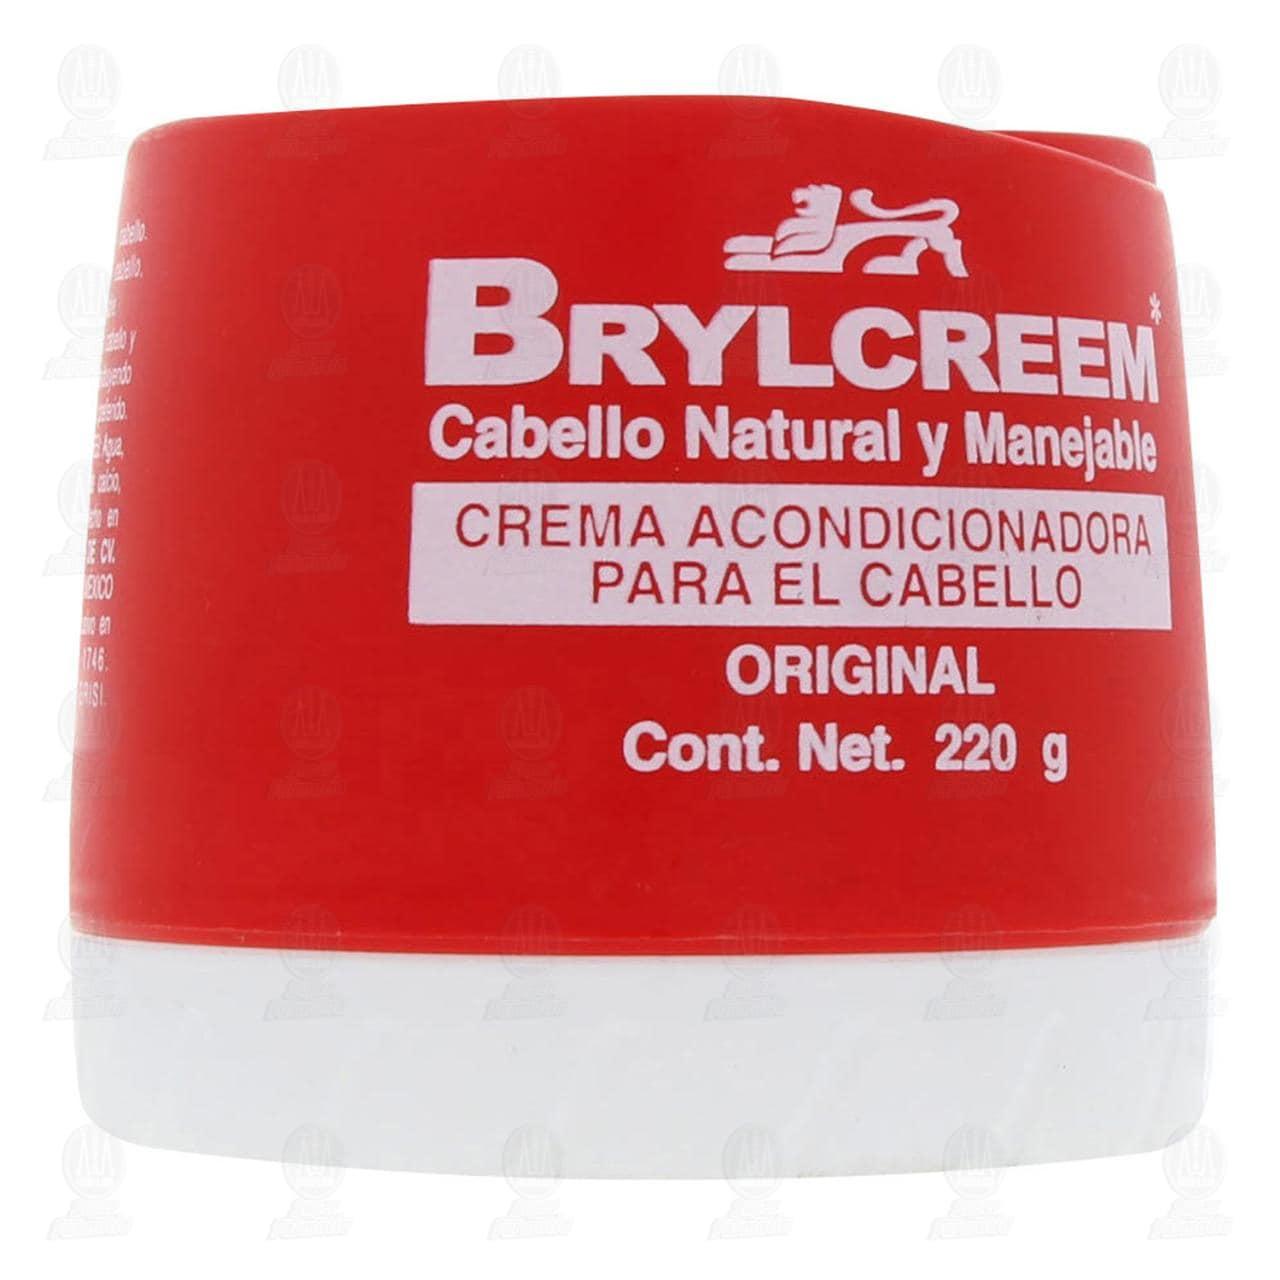 Comprar Crema Acondicionadora Brylcreem Original para el Cabello, 220 gr. en Farmacias Guadalajara